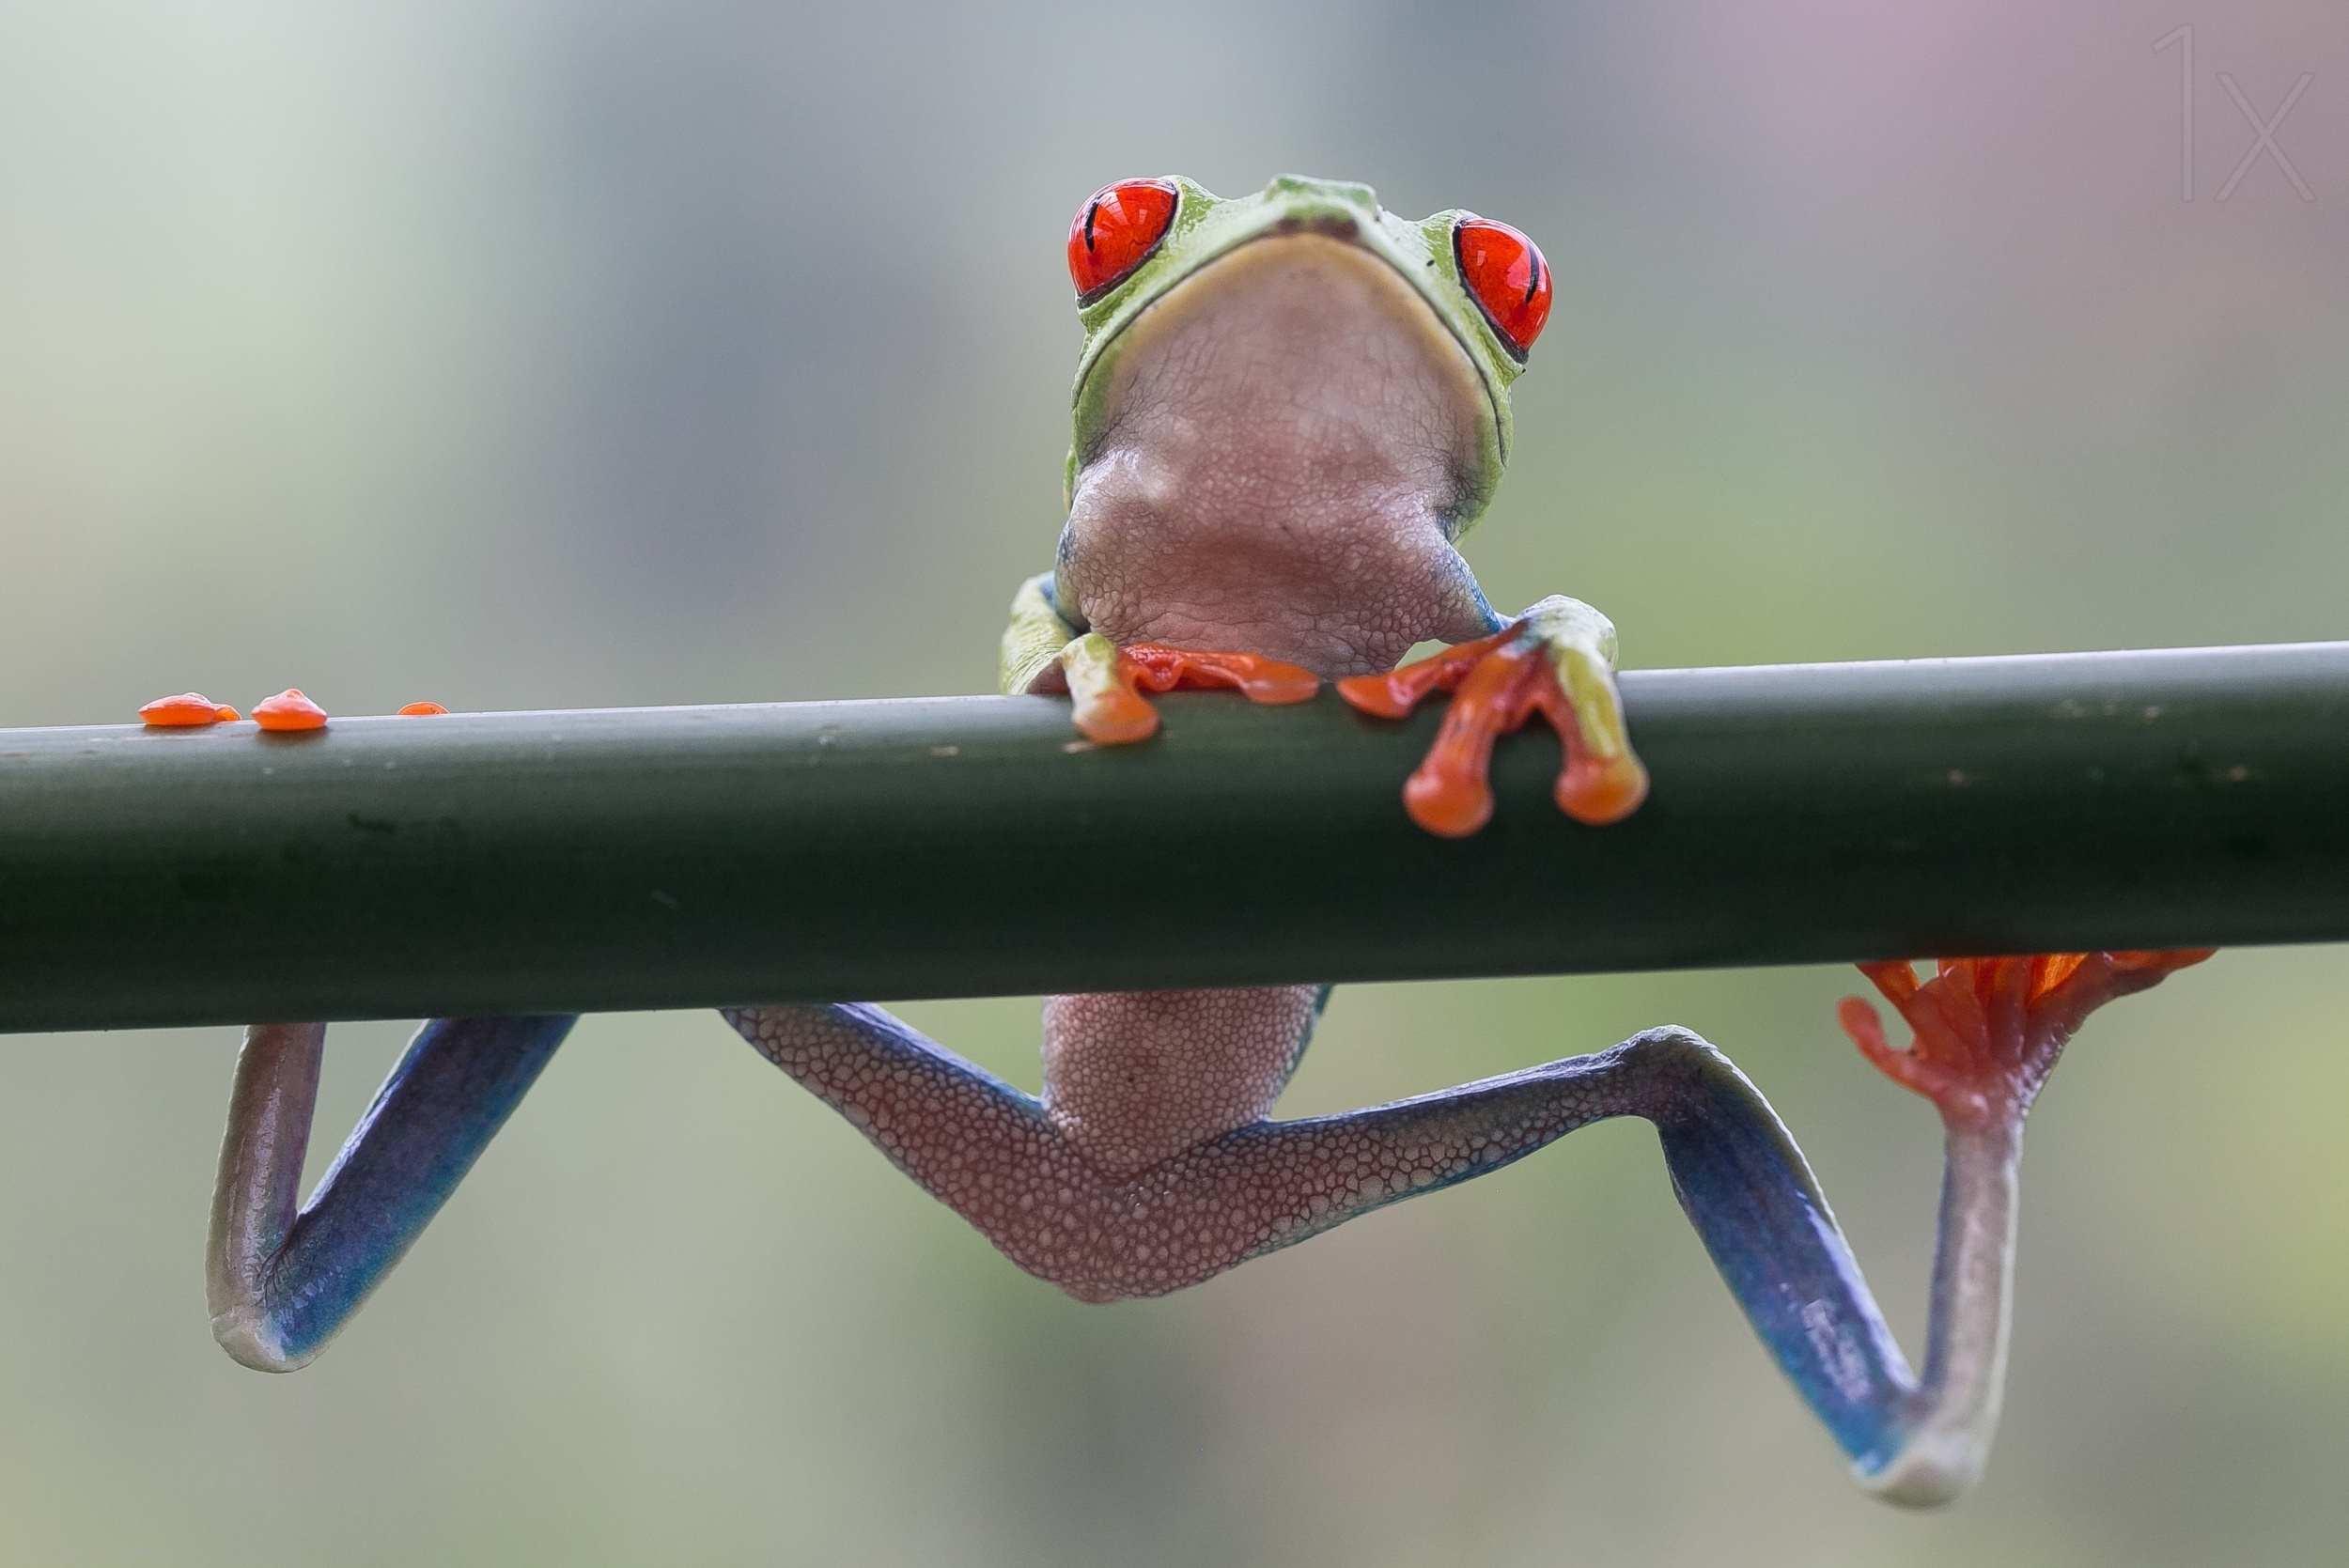 Макро фотографии лягушек Nicolas Reusens